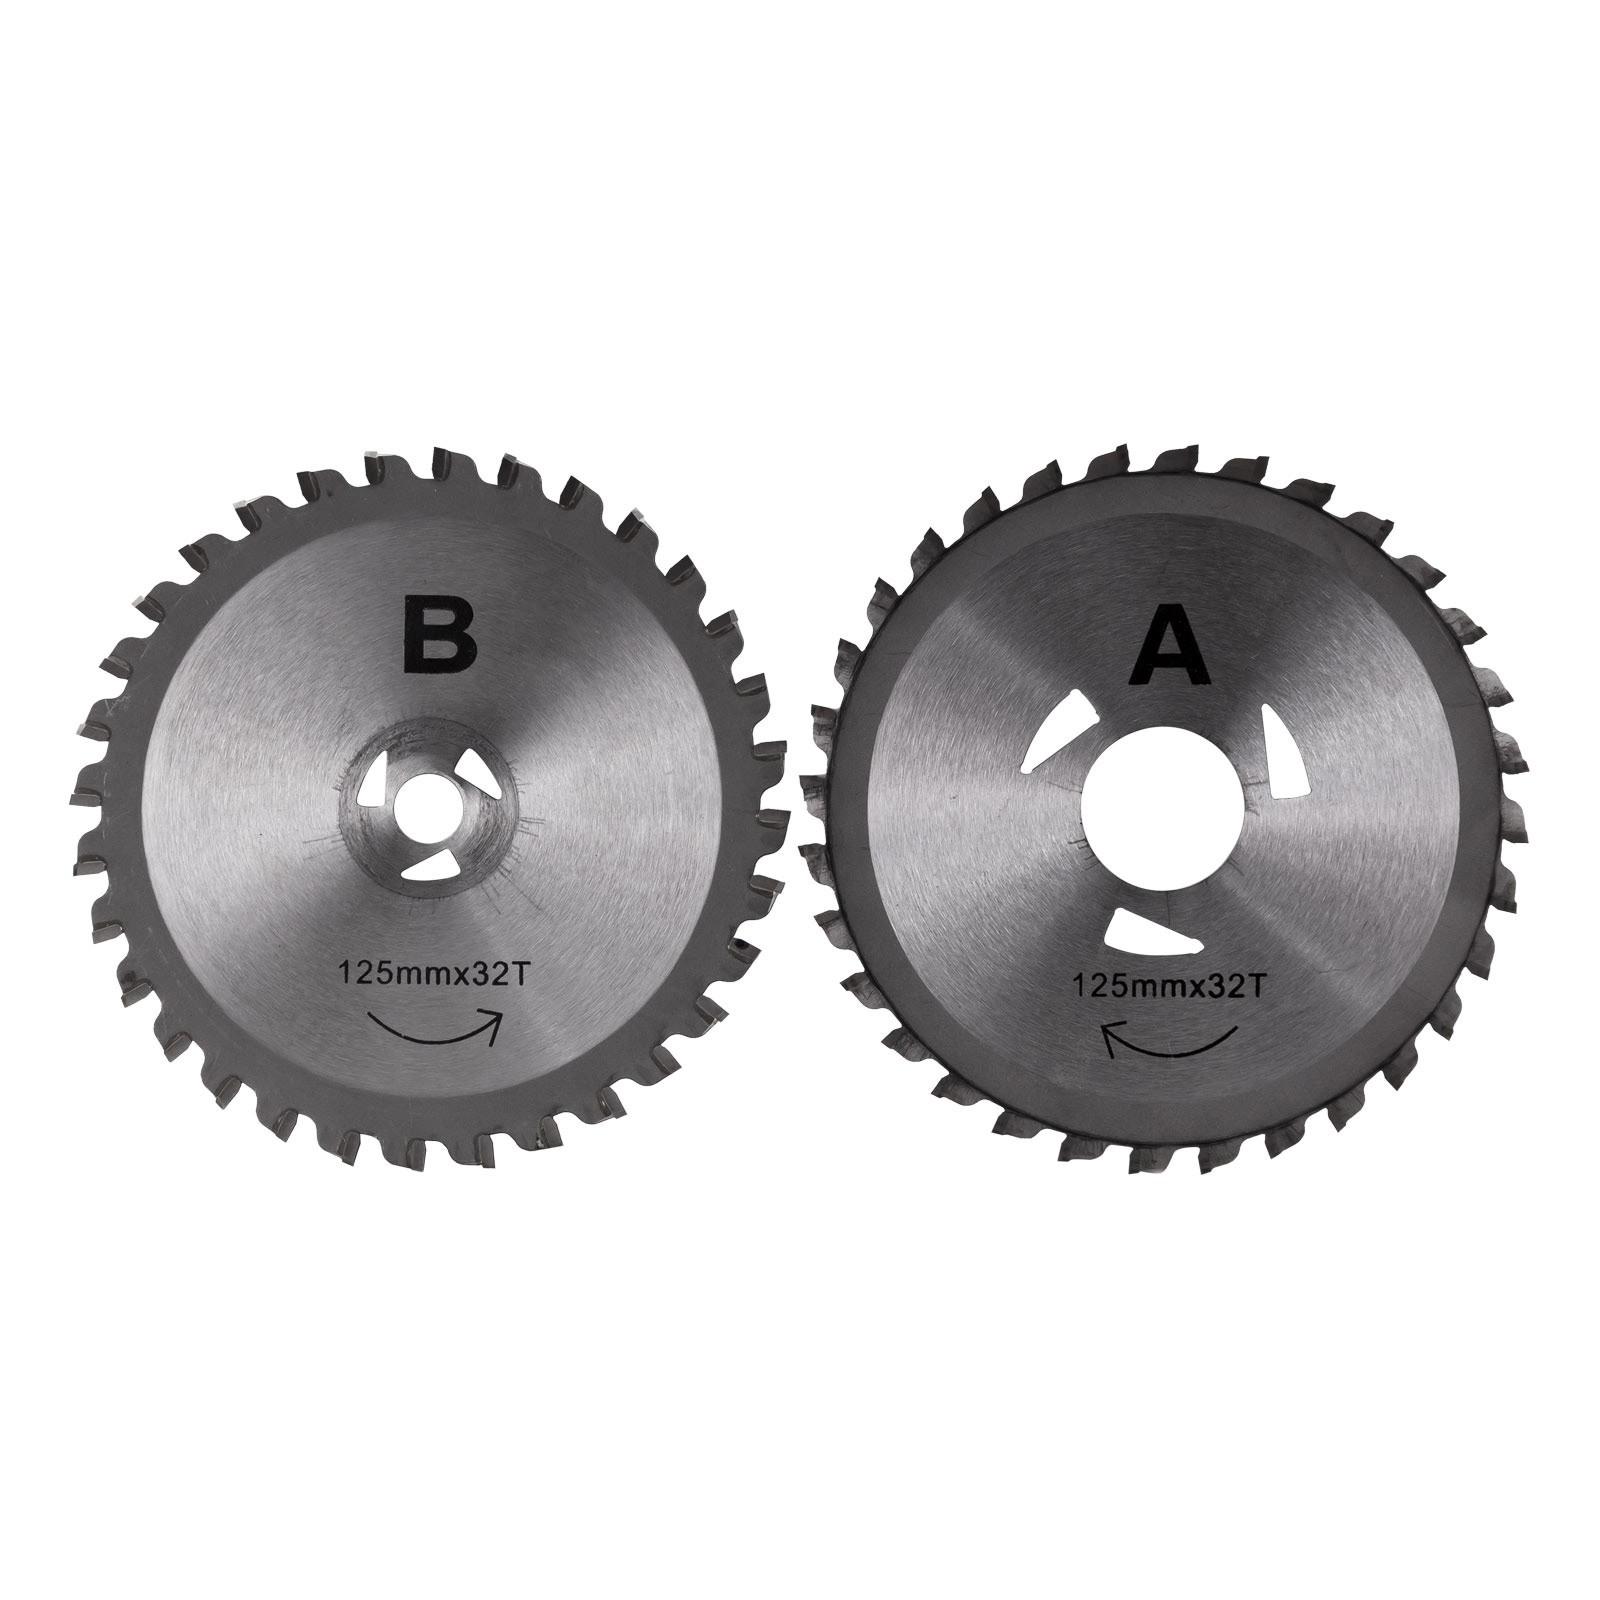 Dema Sägeblätter 2 Stück für Handkreissäge mit Doppelblatt DDS125 ZA18620